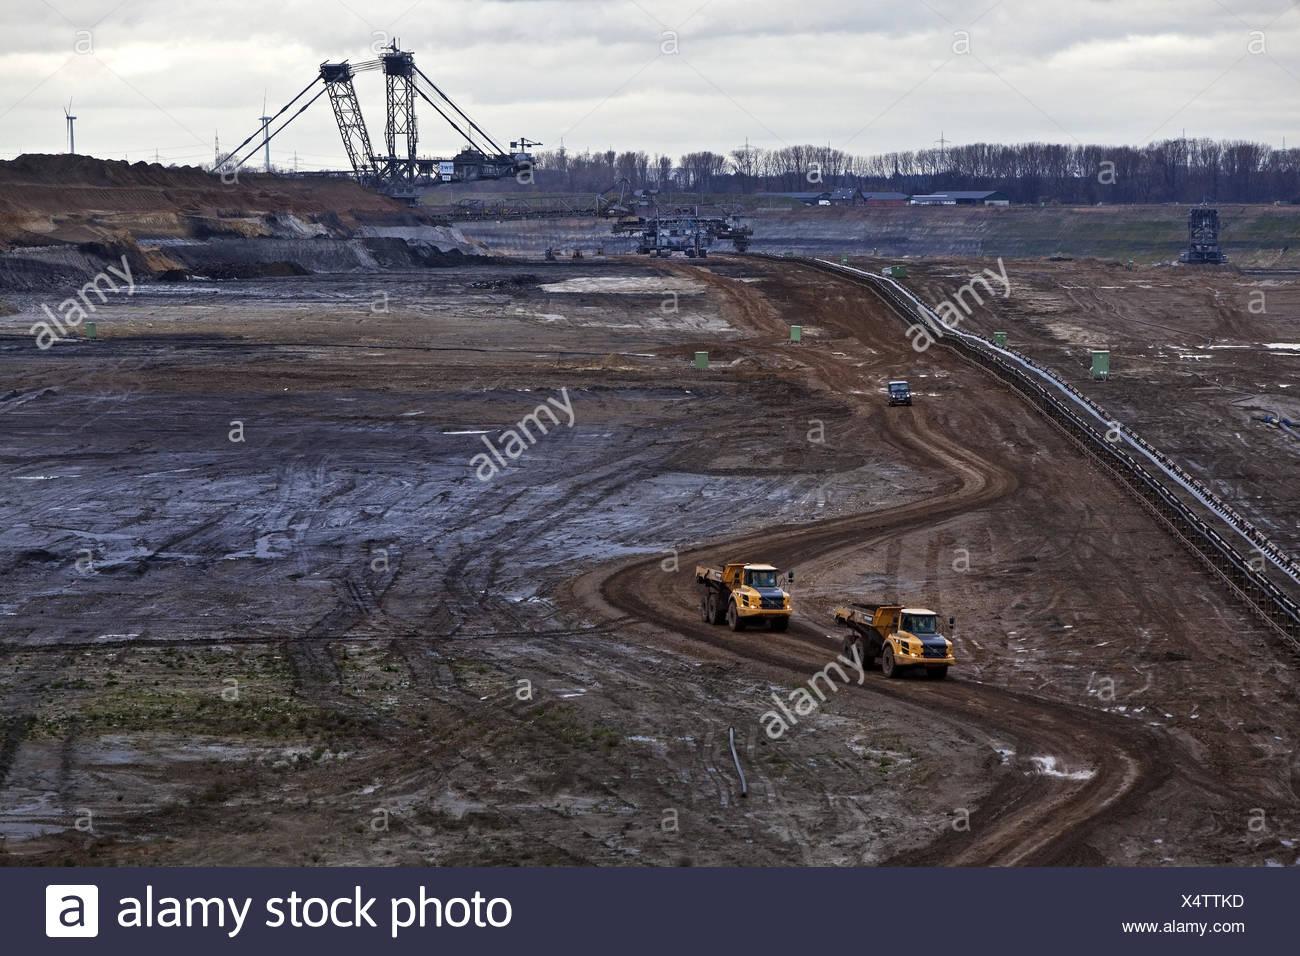 Transport im Braunkohle-Tagebau Inden, North Rhine-Westphalia, Germany, Europe Stockbild